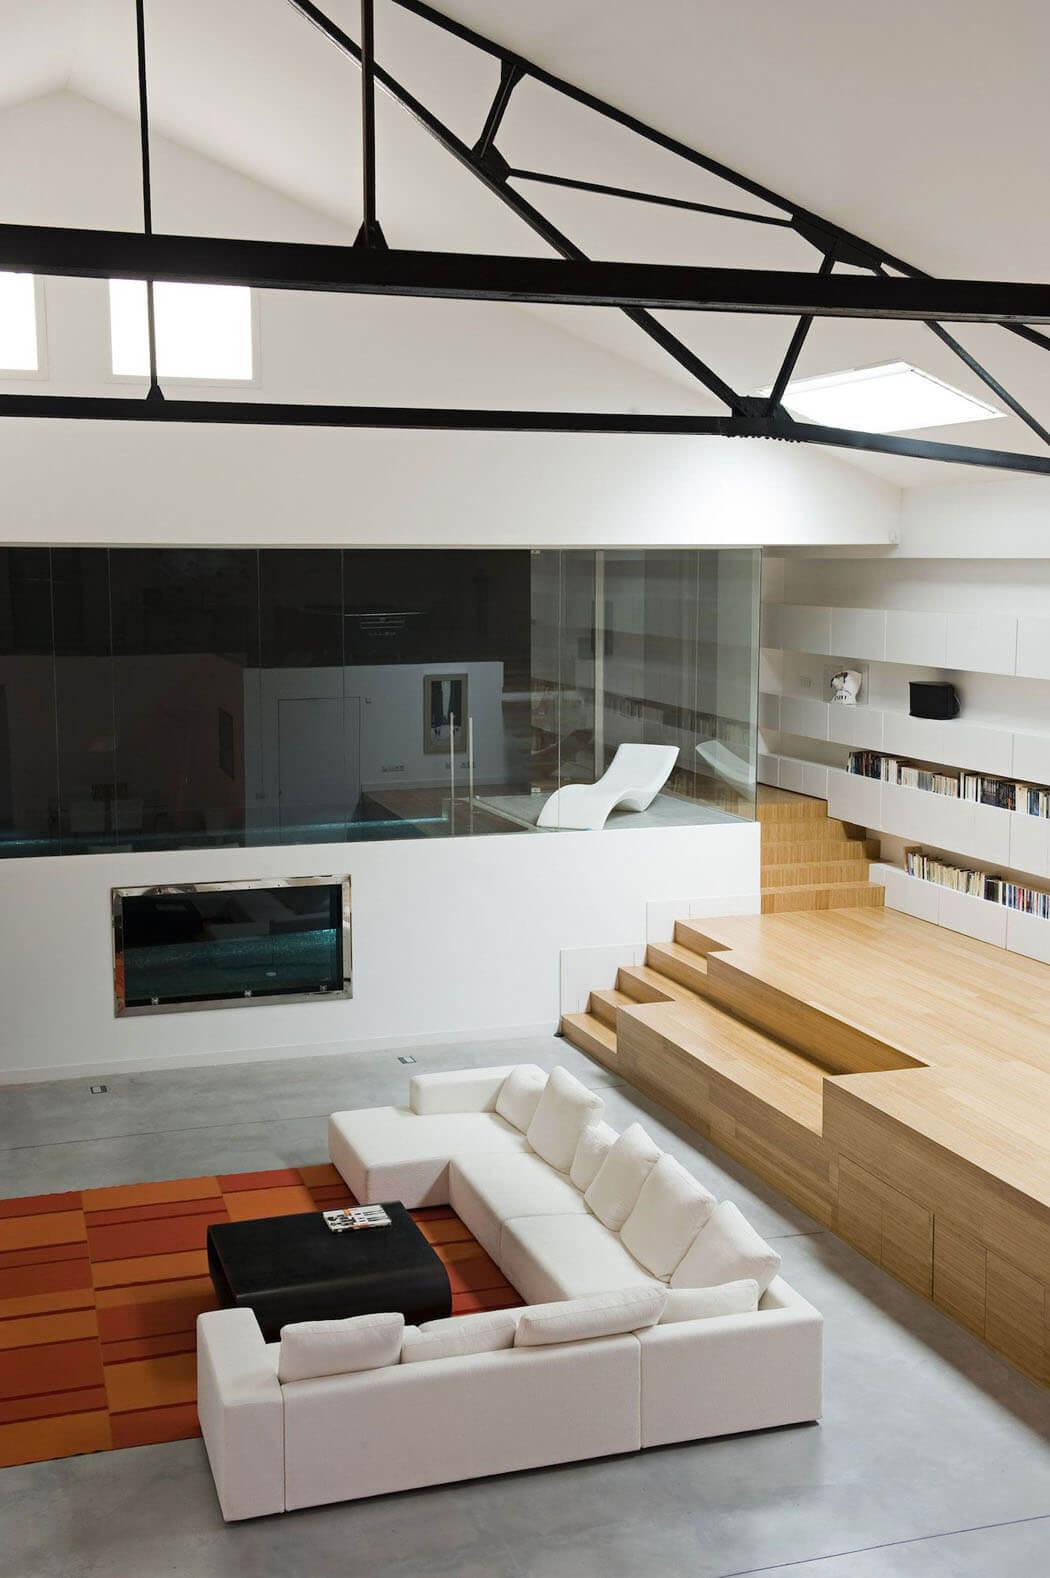 La transformation d un entrep t industriel en jolie maison - Maison de ville moderne design klein ...